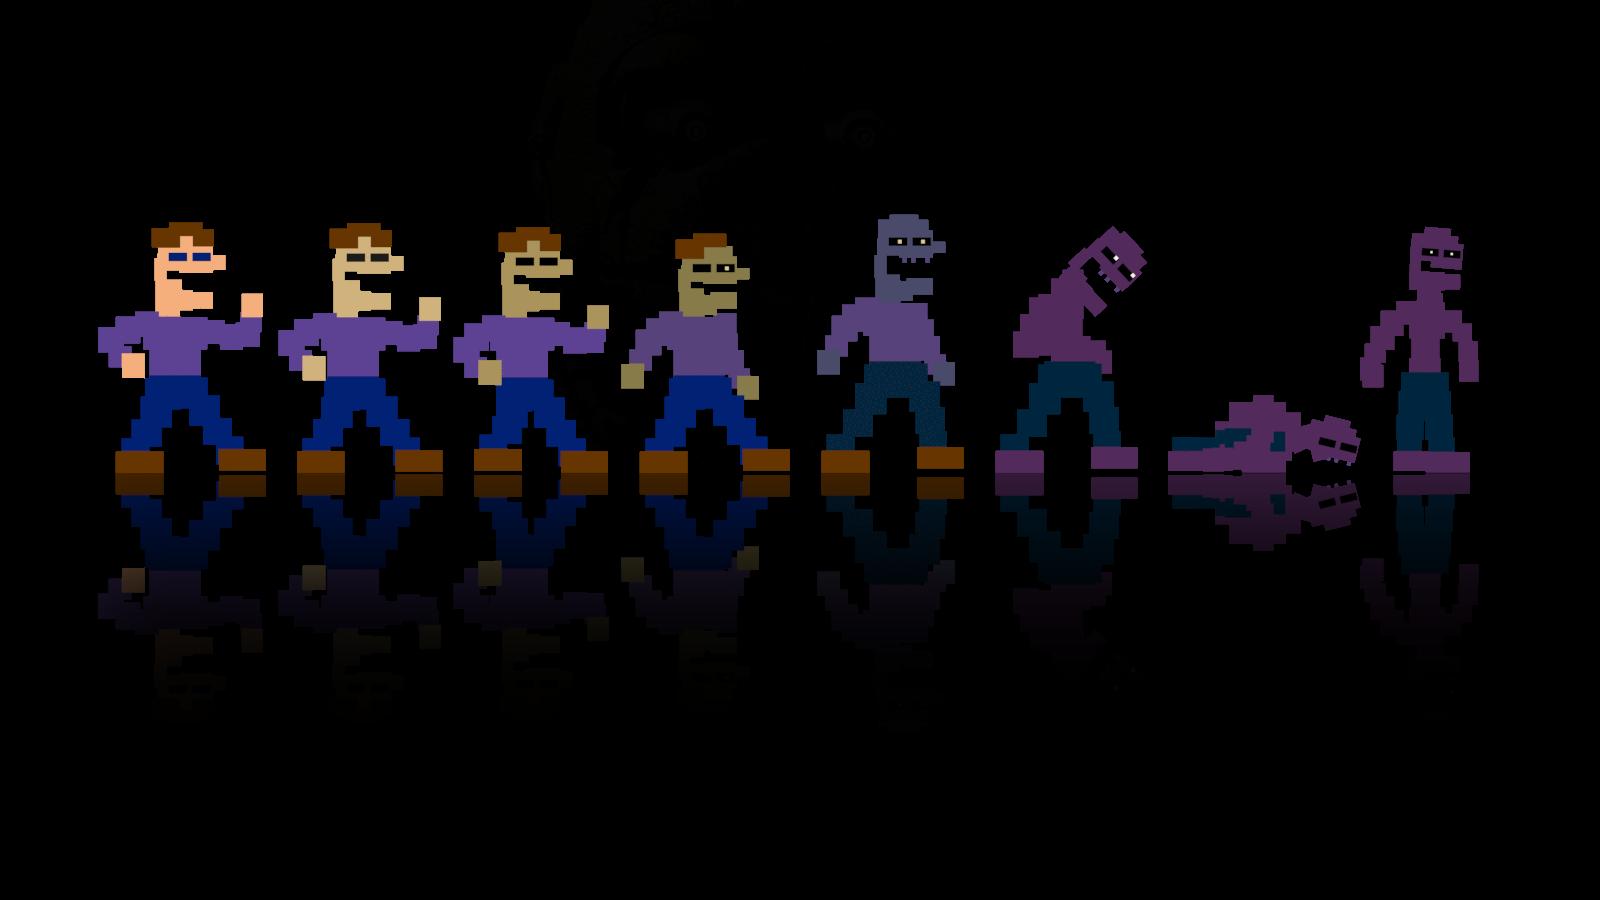 A very simple Purple Guy wallpaper by DaHooplerzMan